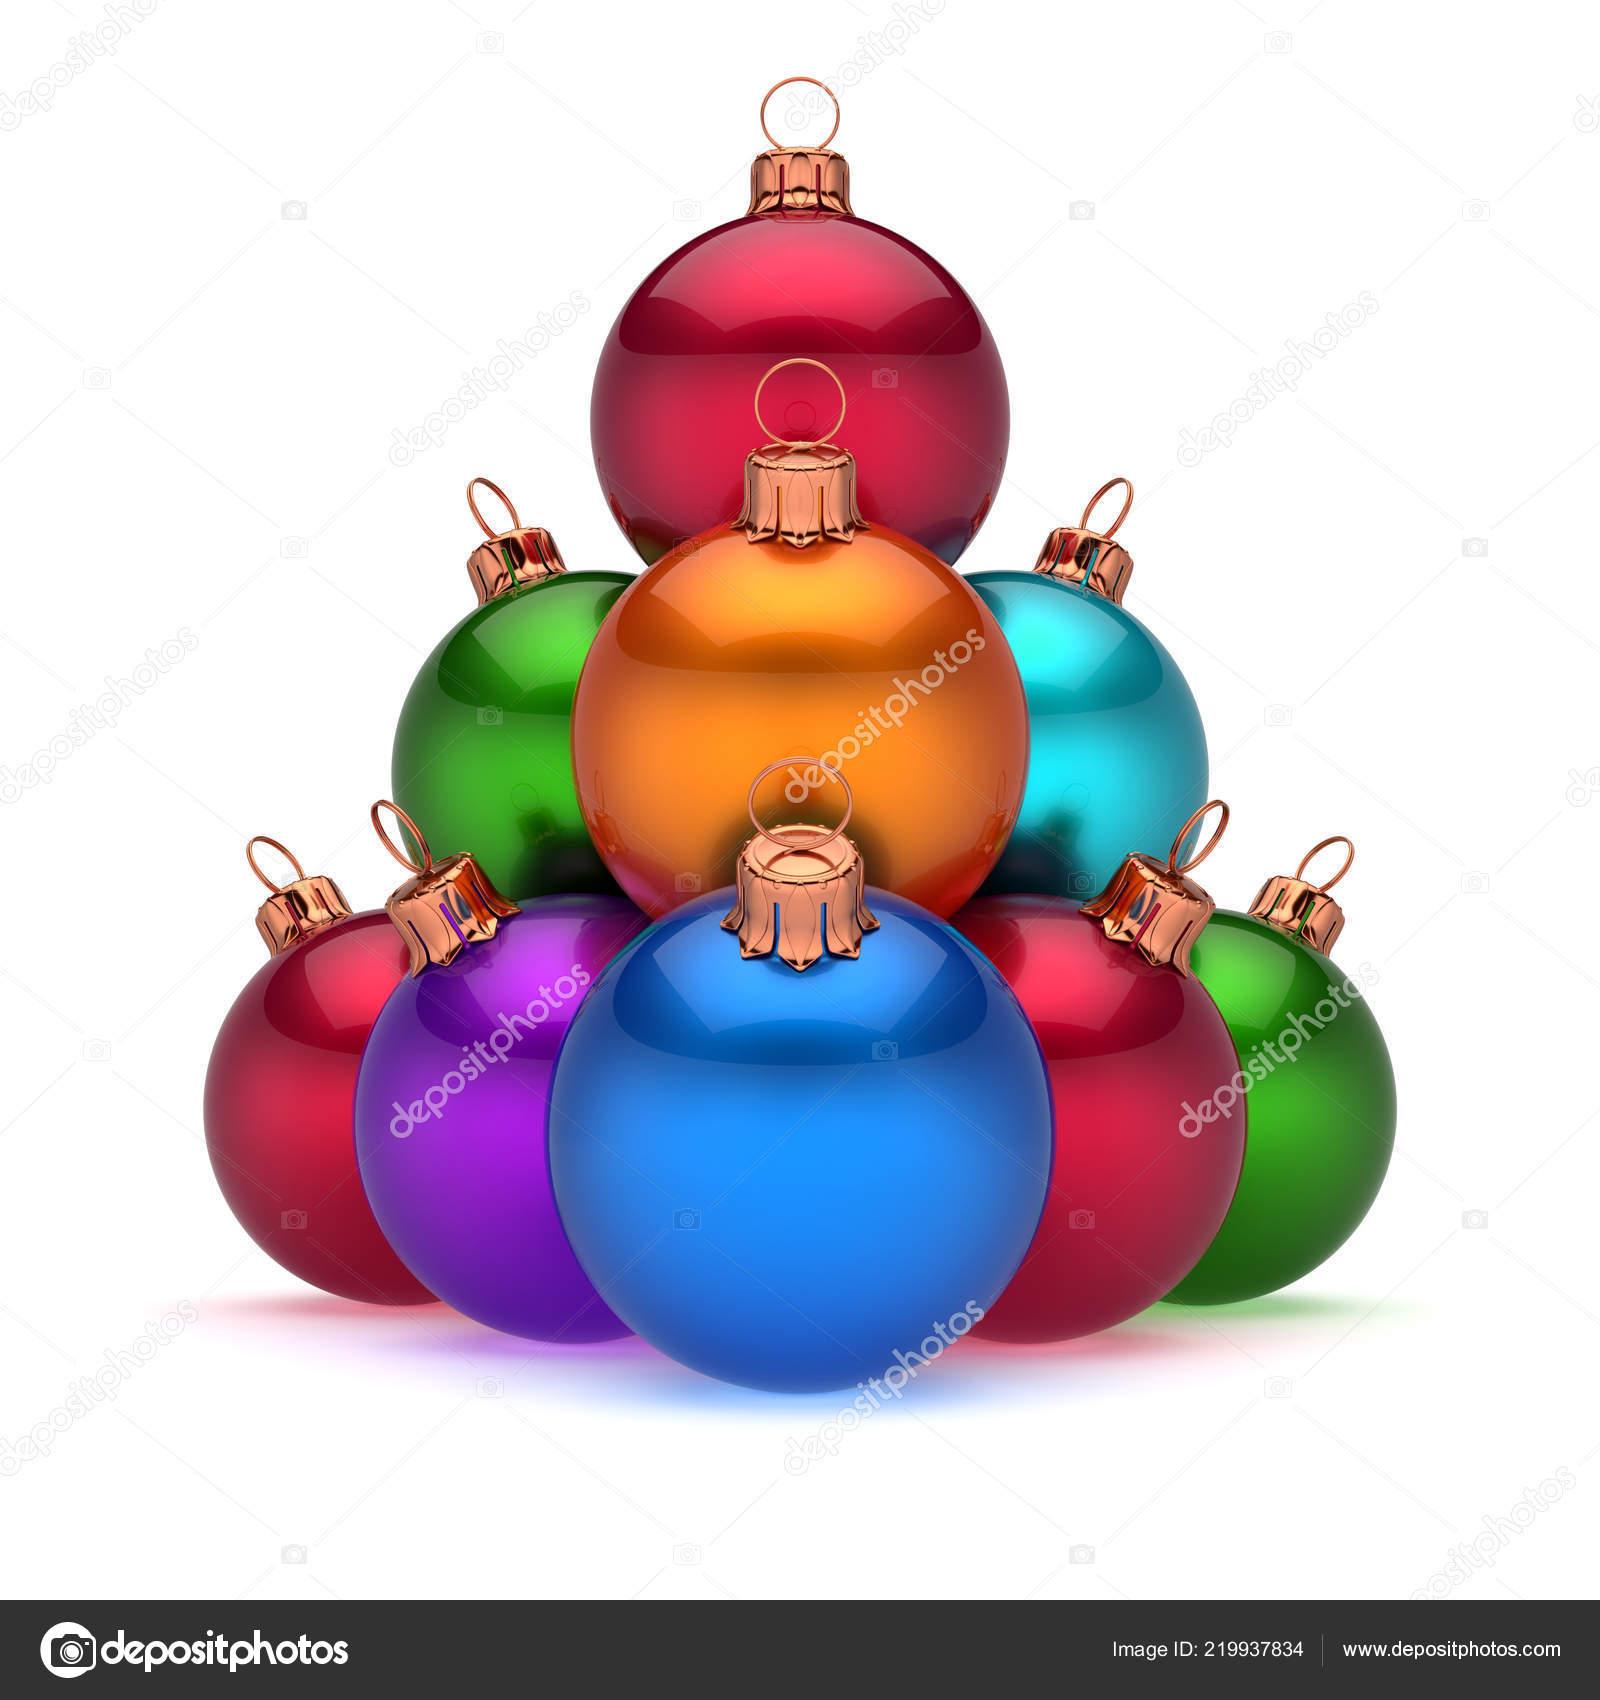 Colorful Christmas Balls.Colorful Christmas Balls Pyramid Arranged Shiny Happy New